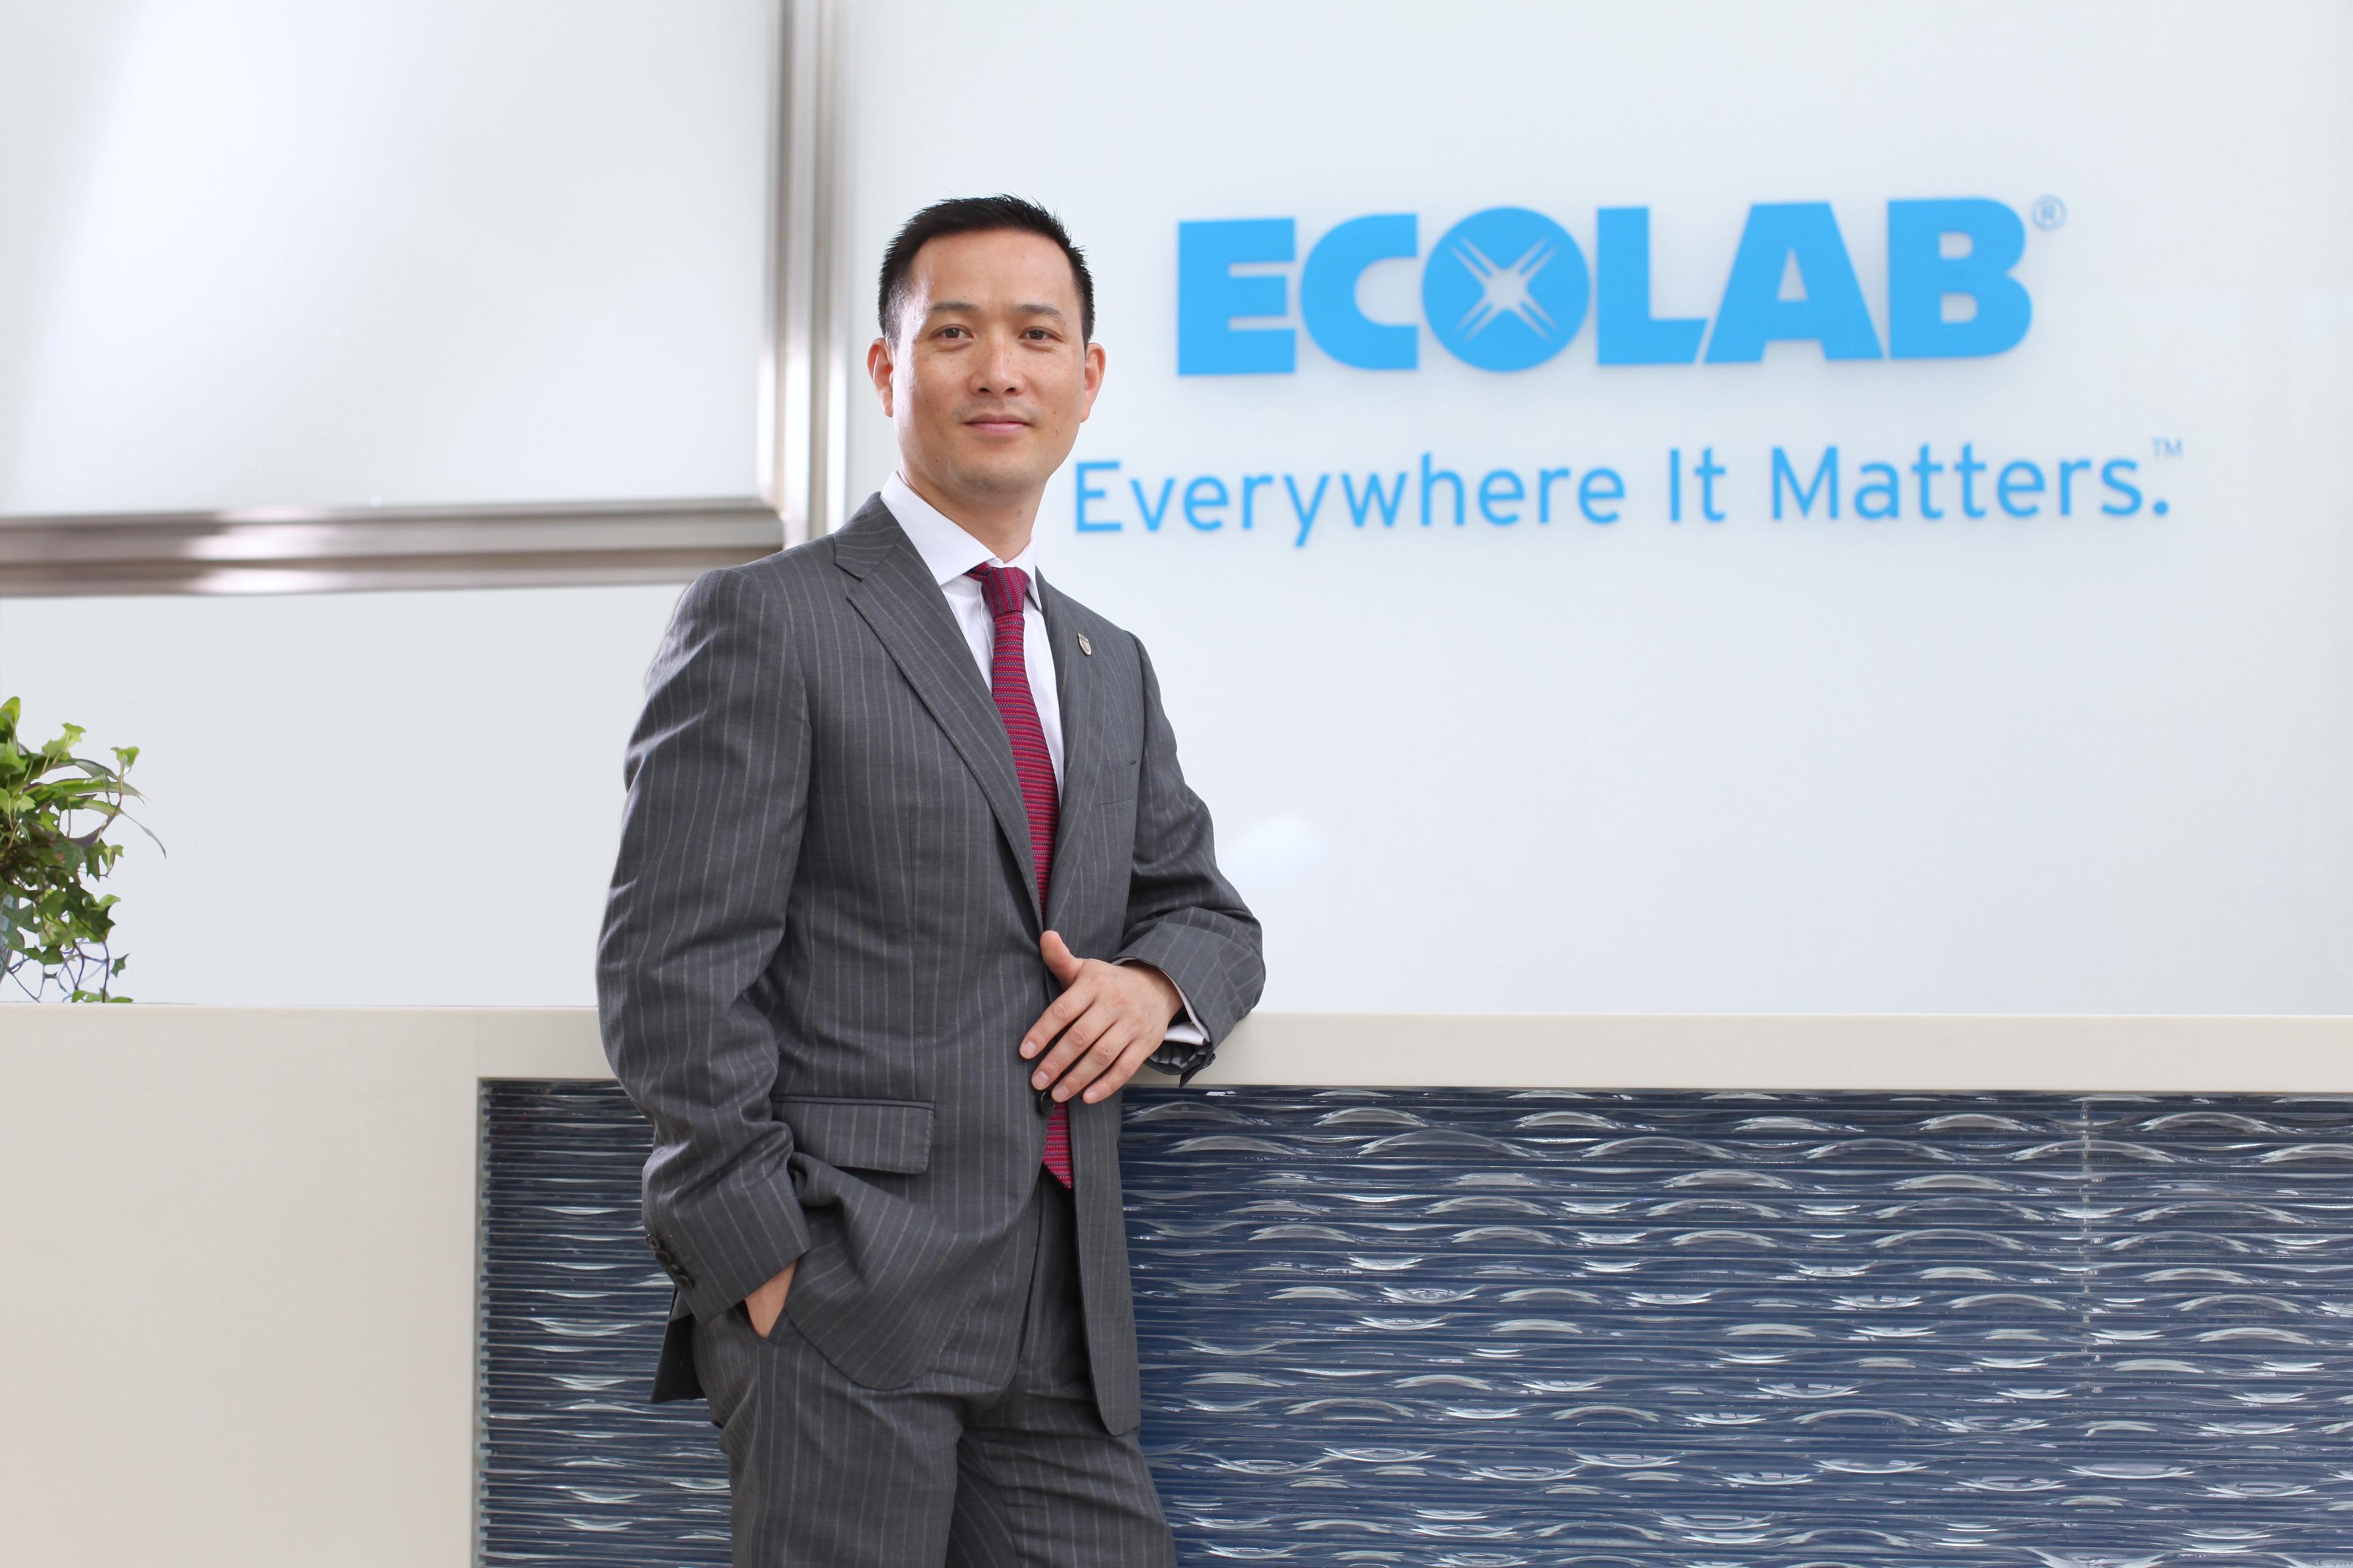 艺康集团全球执行副总裁王铁先生:为什么解决